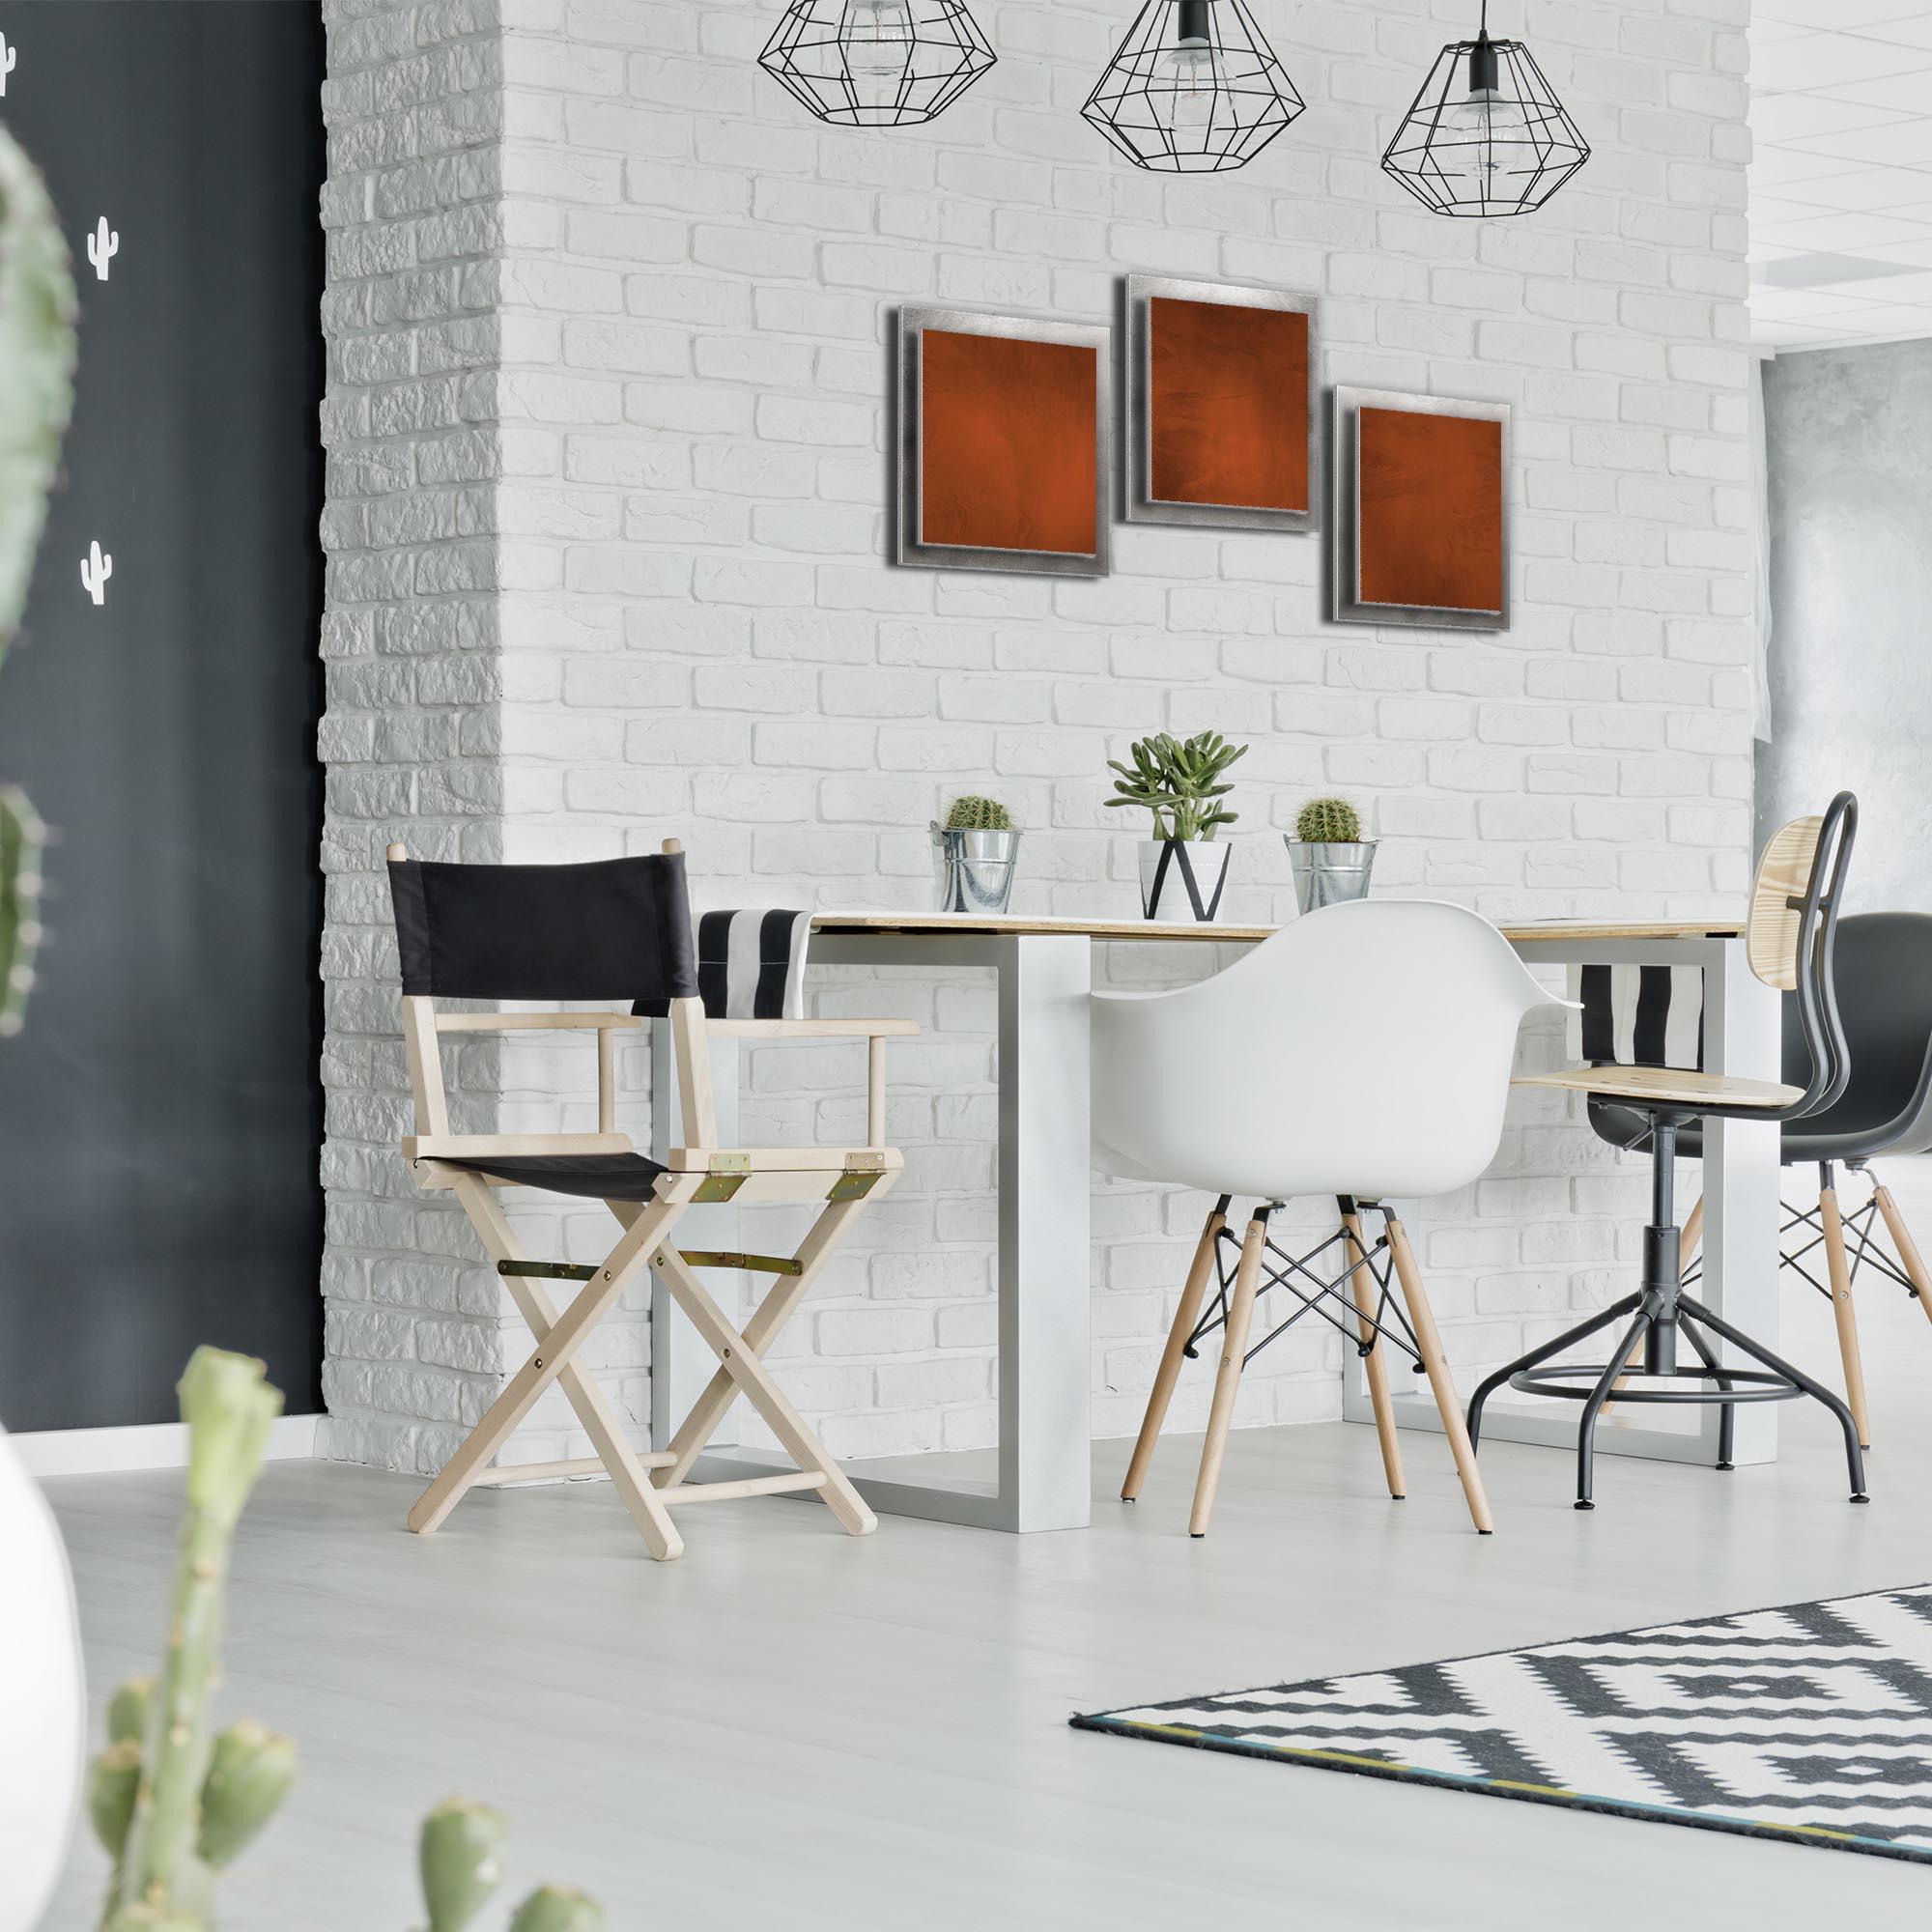 Rusty Essence - Layered Modern Metal Wall Art - Lifestyle Image